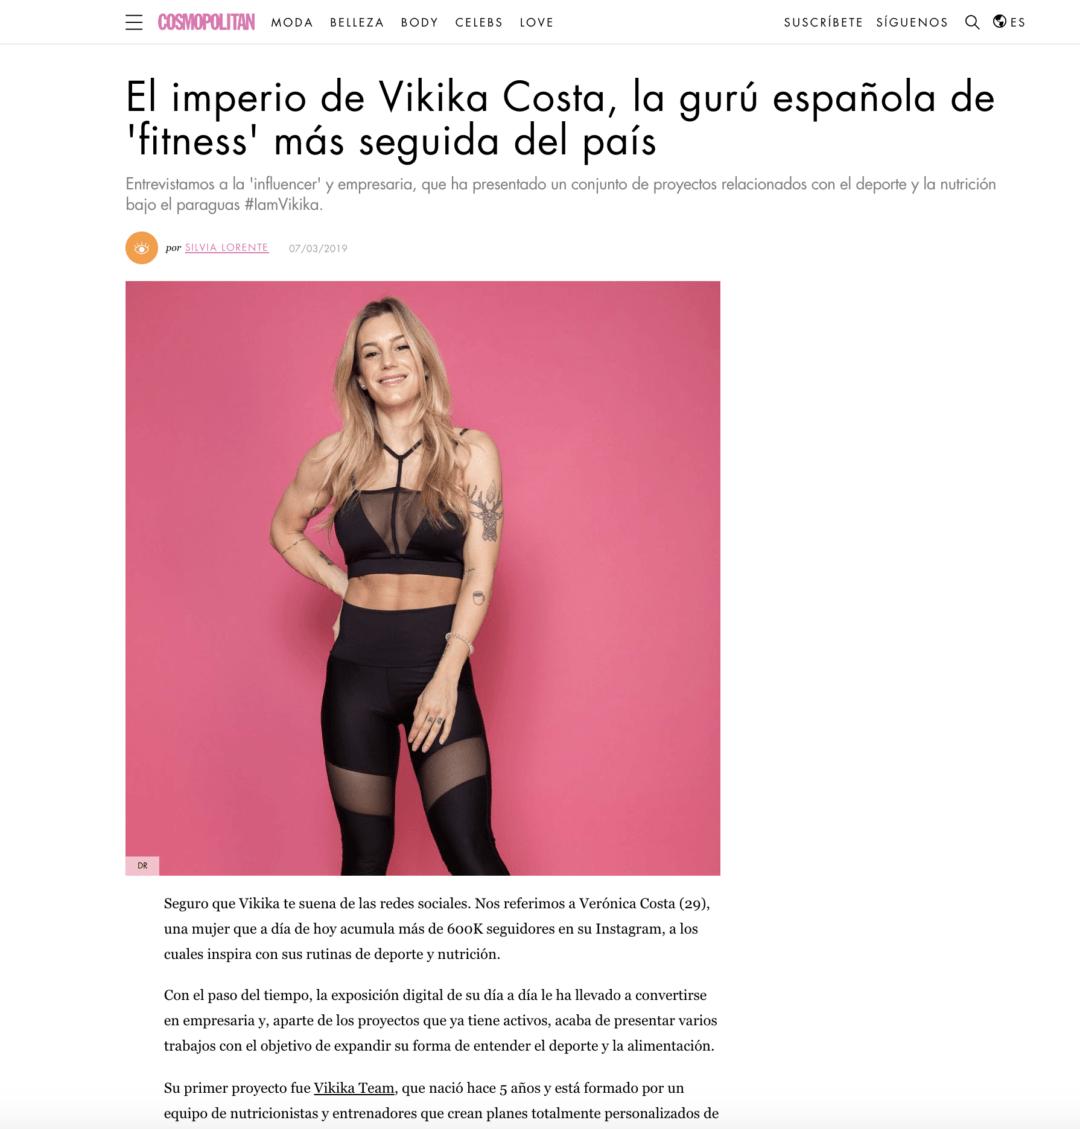 EL IMPERIO DE VIKIKA COSTA, LA GURÚ ESPAÑOLA DE 'FITNESS' MÁS SEGUIDA DEL PAÍS